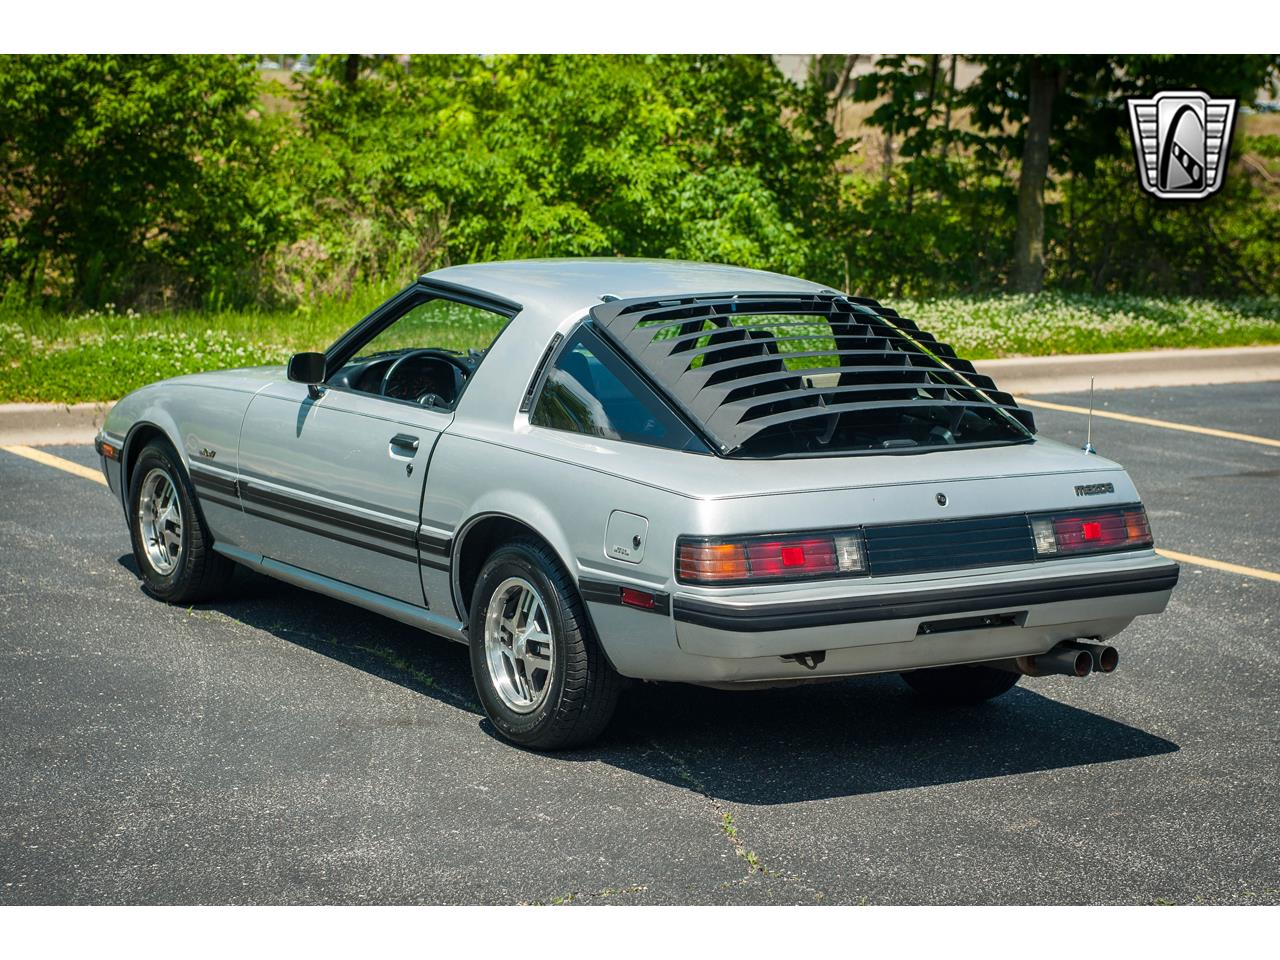 Large Picture of 1982 Mazda RX-7 located in O'Fallon Illinois - QB9V